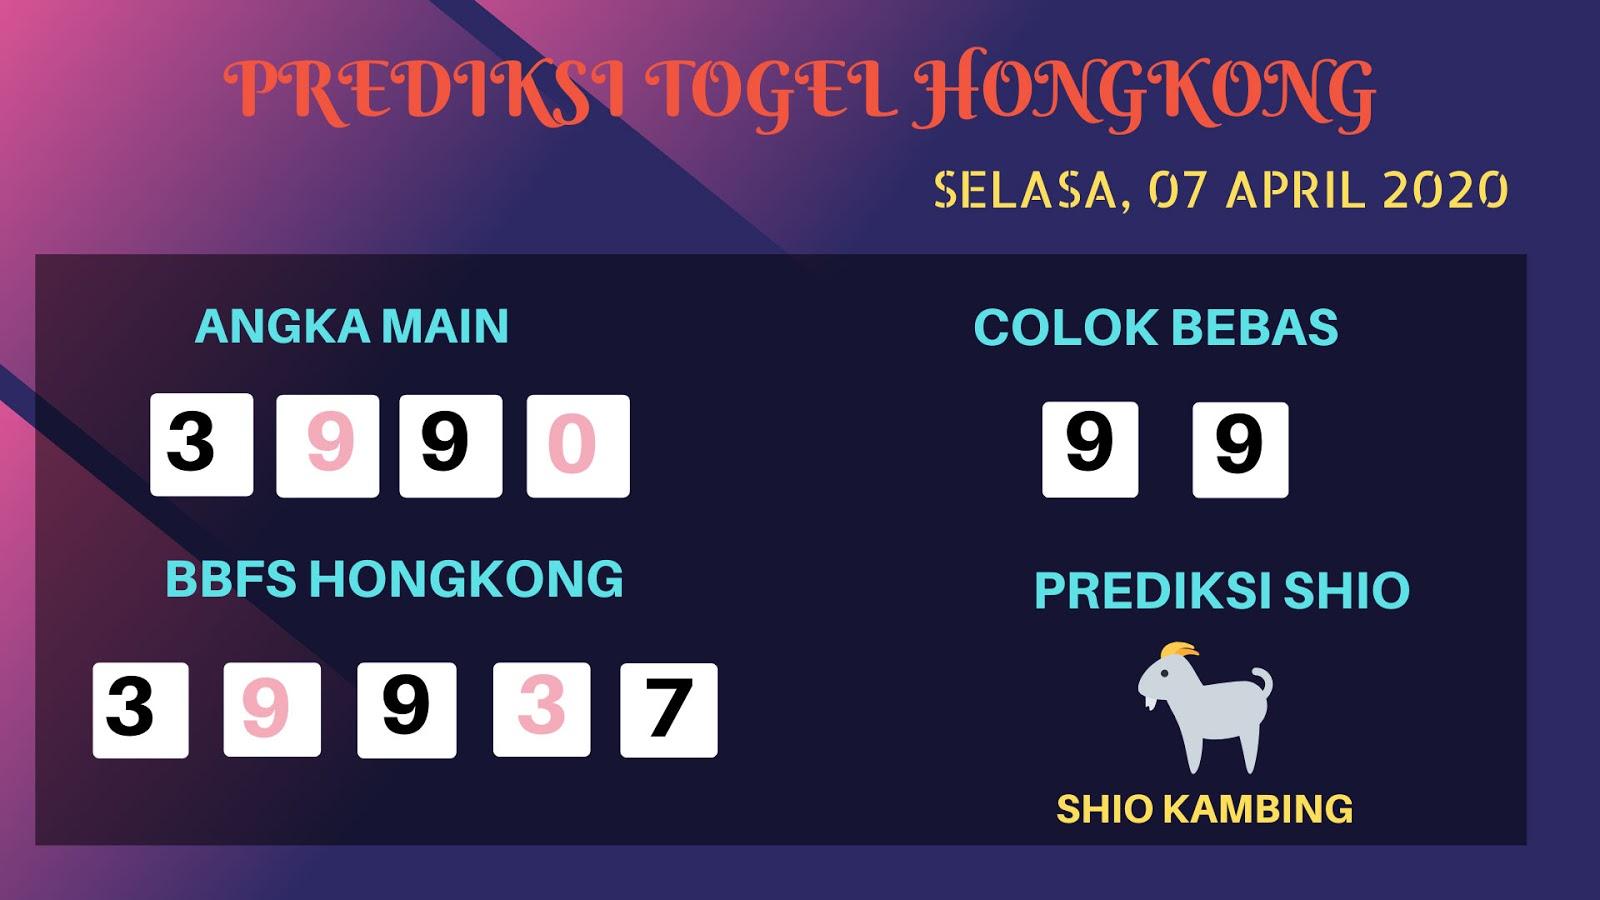 Prediksi HK Malam Ini Selasa 07 April 2020 - Prediksi Angka HK